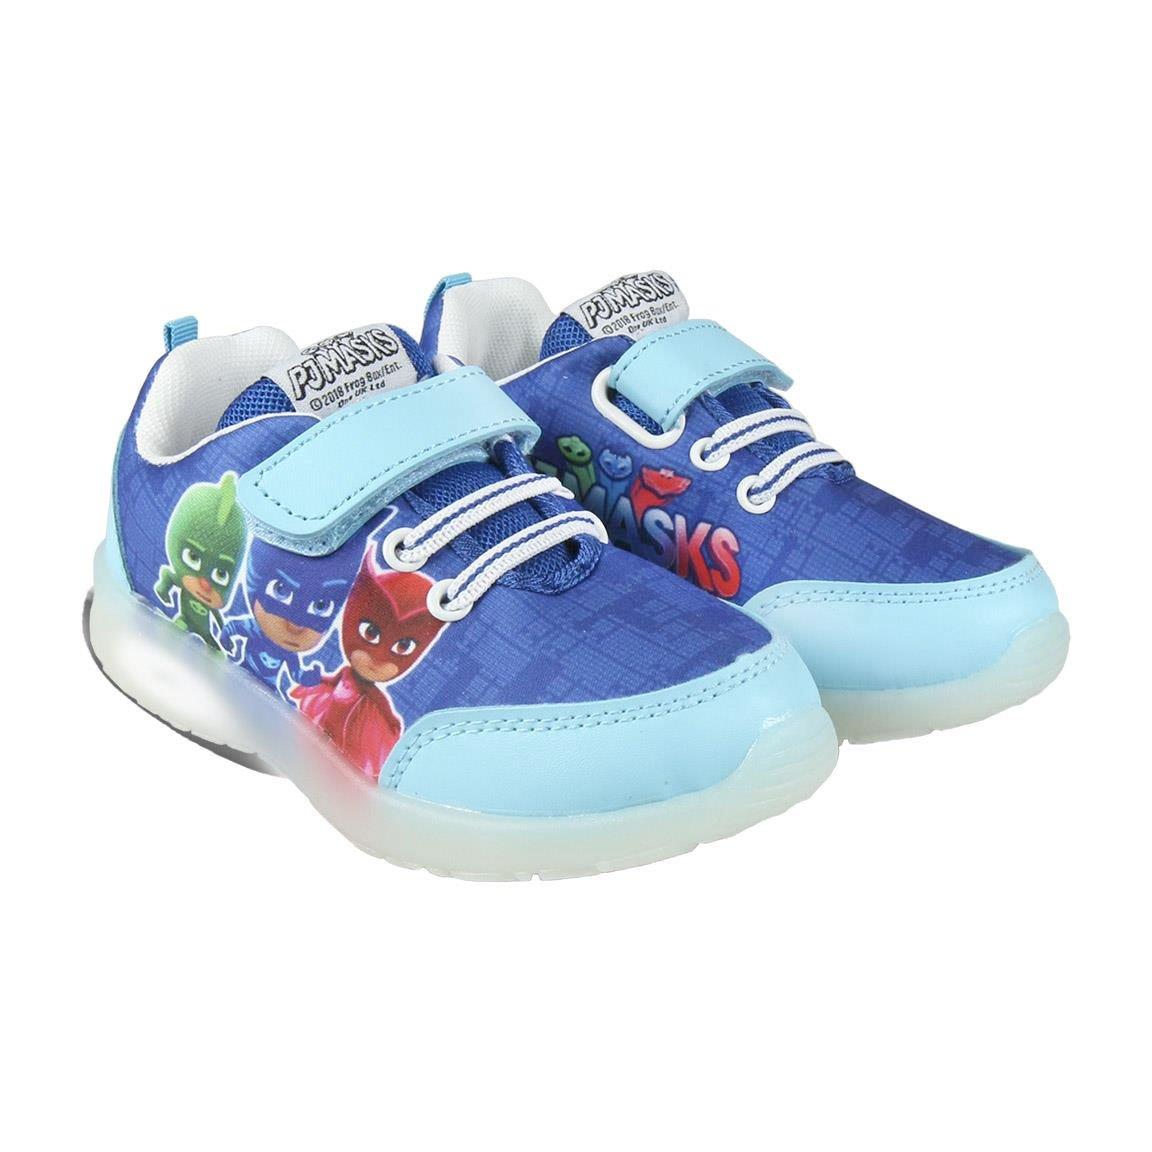 PJ Masks Héroes en pijamas Zapatillas Deportiva - Para Niño - 22-3097 [Azul Claro - PJ Masks - 26]: Amazon.es: Zapatos y complementos